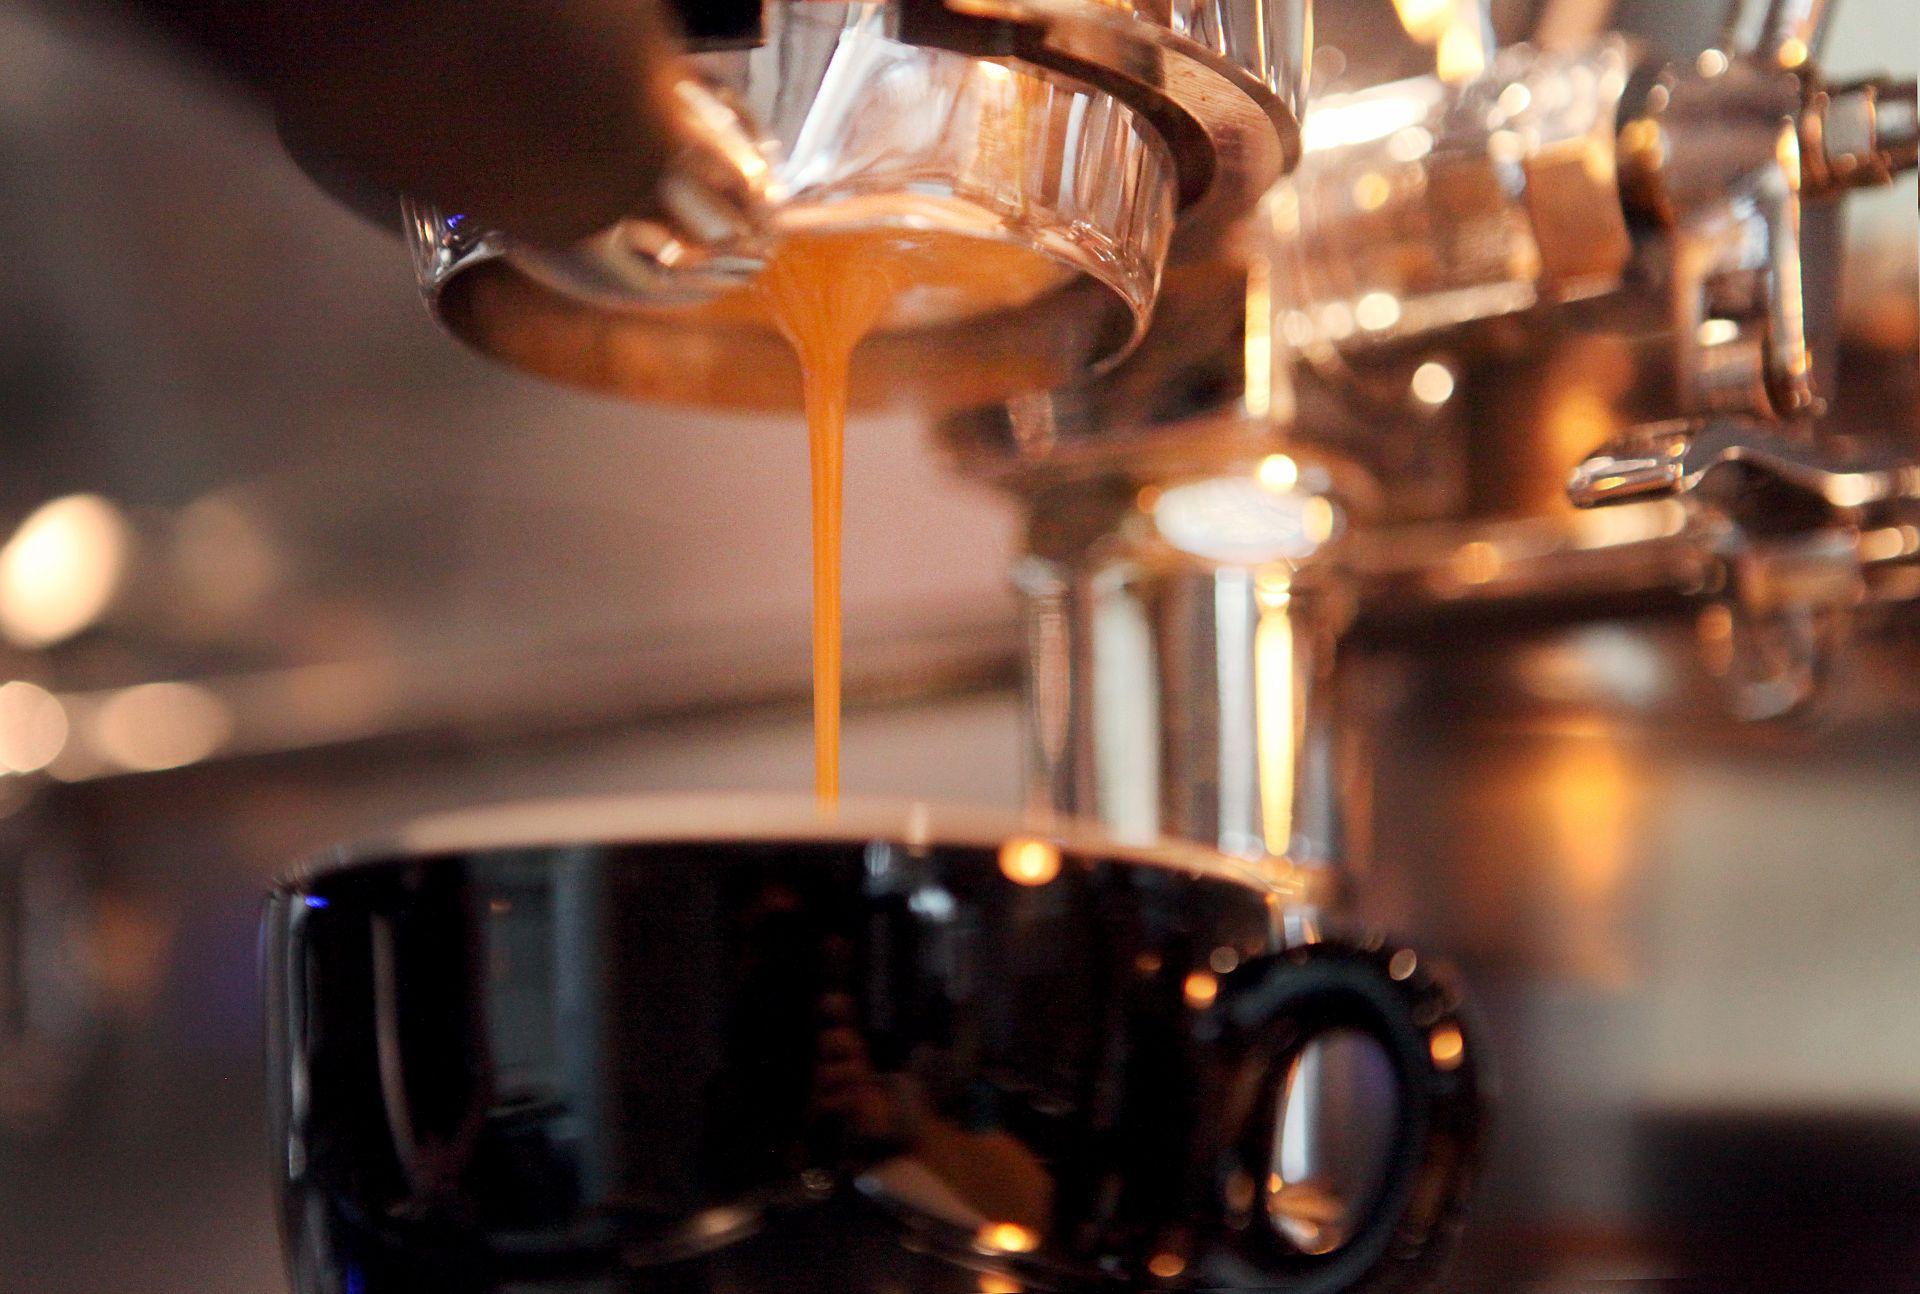 Príprava kávy s kávovarom Faema